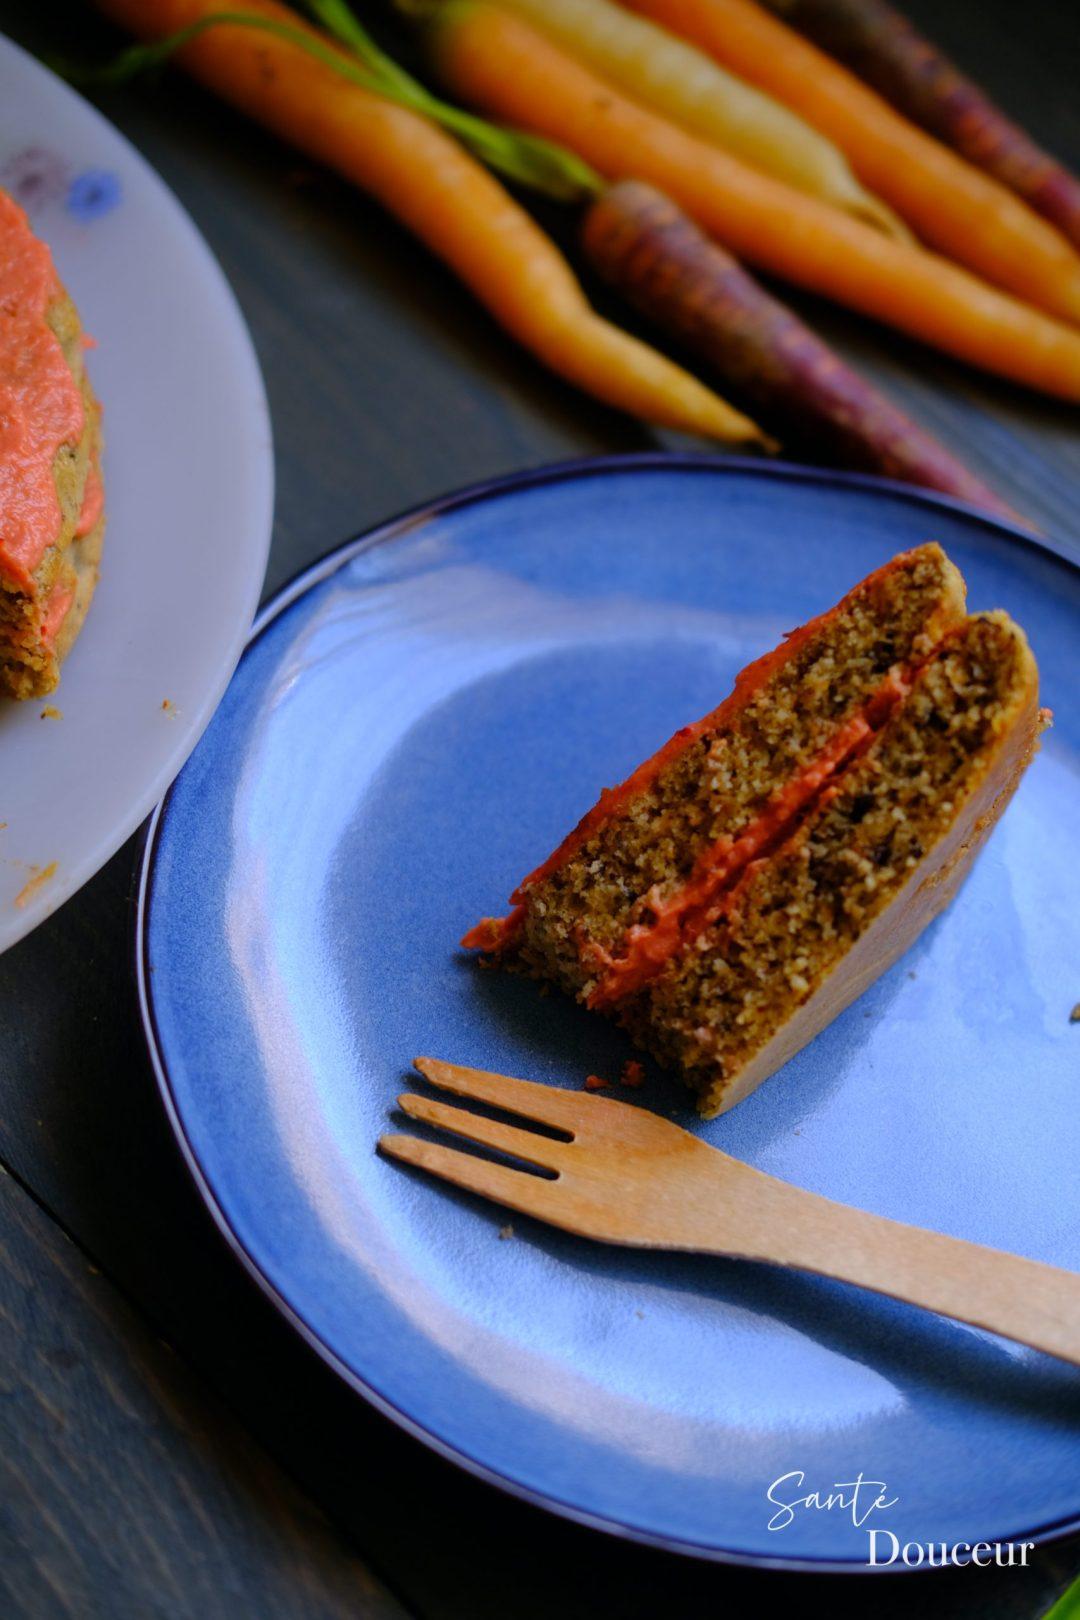 gateau à la carotte sans gluten